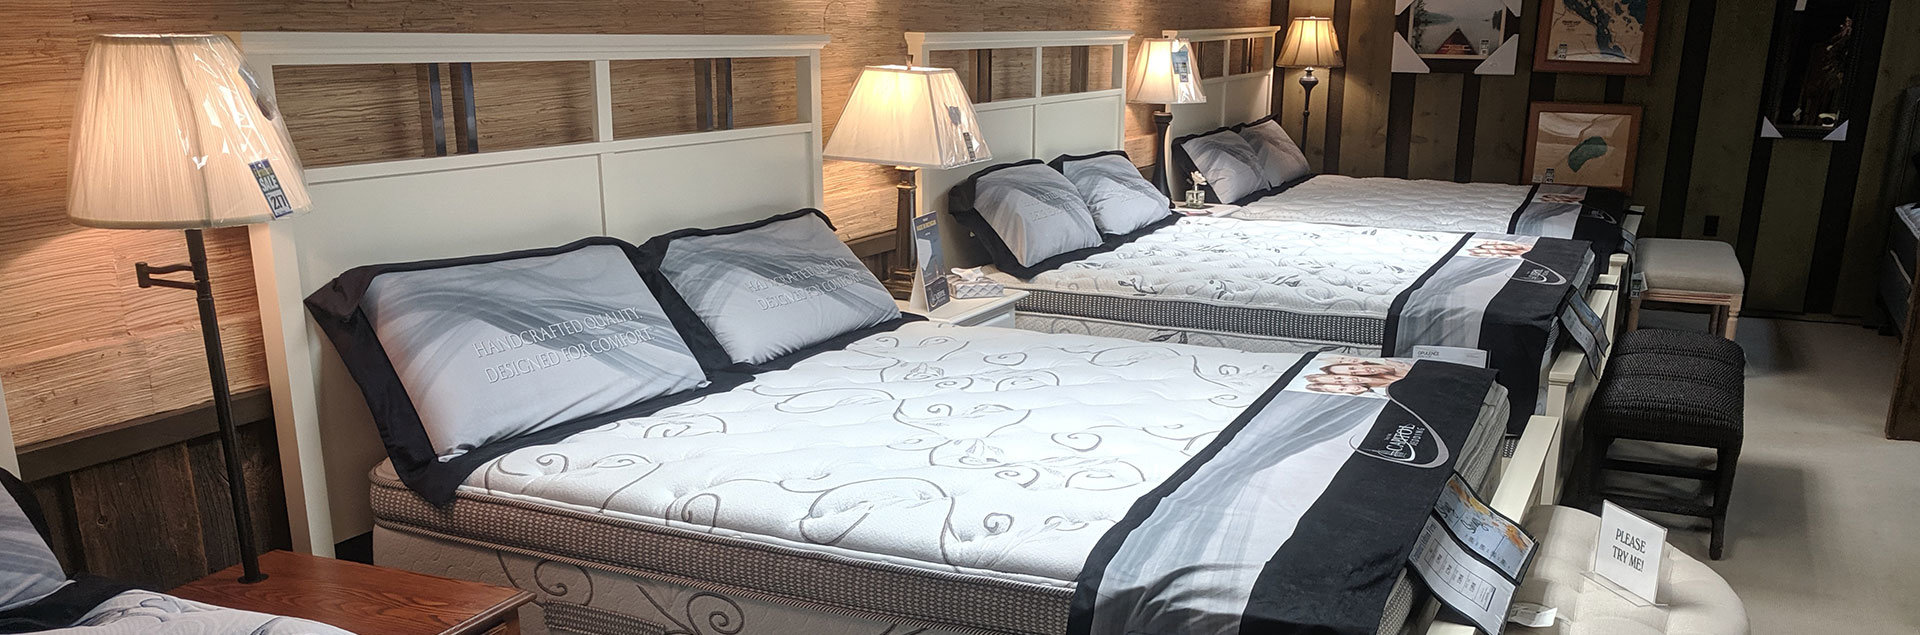 mattress-3